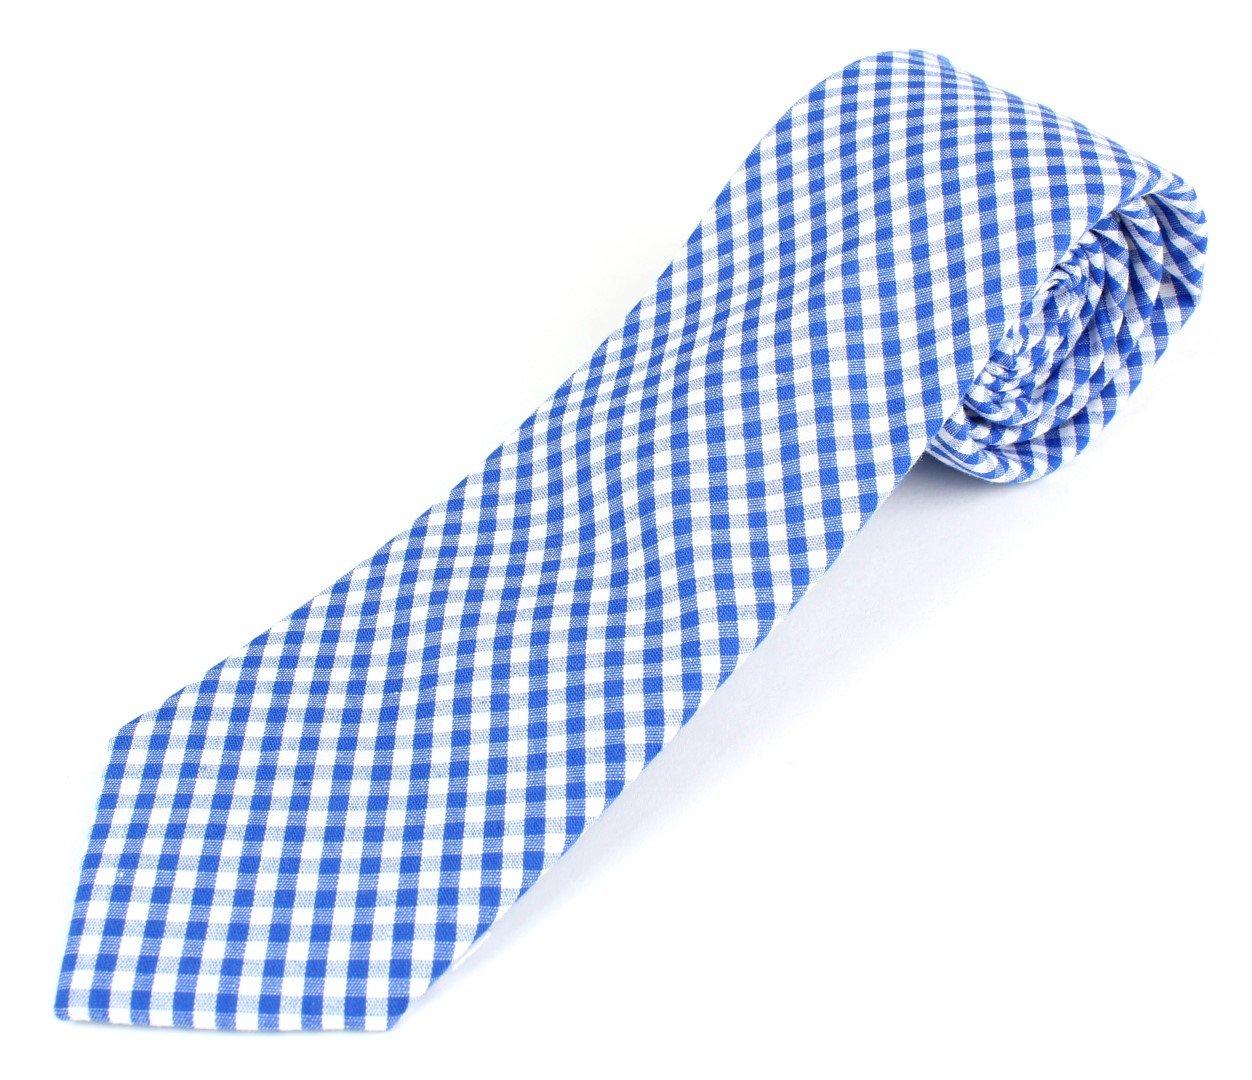 Men's Cotton Skinny Necktie Tie Gingham Checkered Pattern - Bright Blue